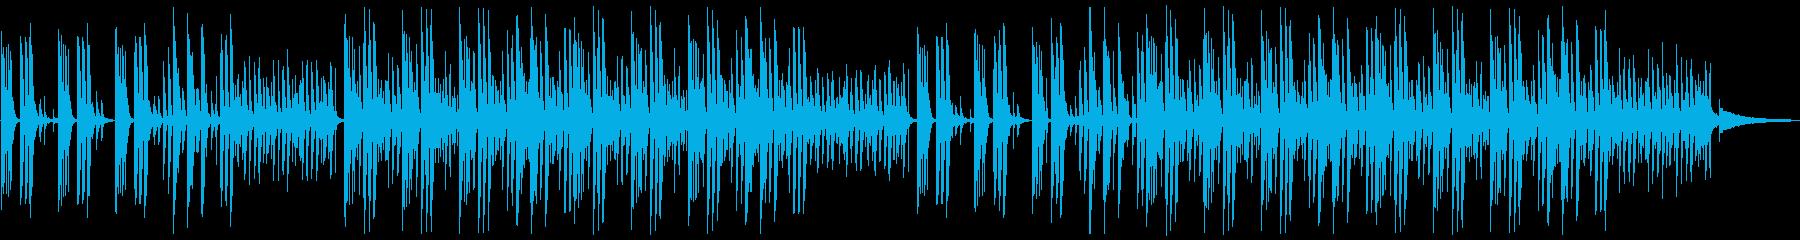 【ベース抜き】CMでお馴染みの優しい音。の再生済みの波形